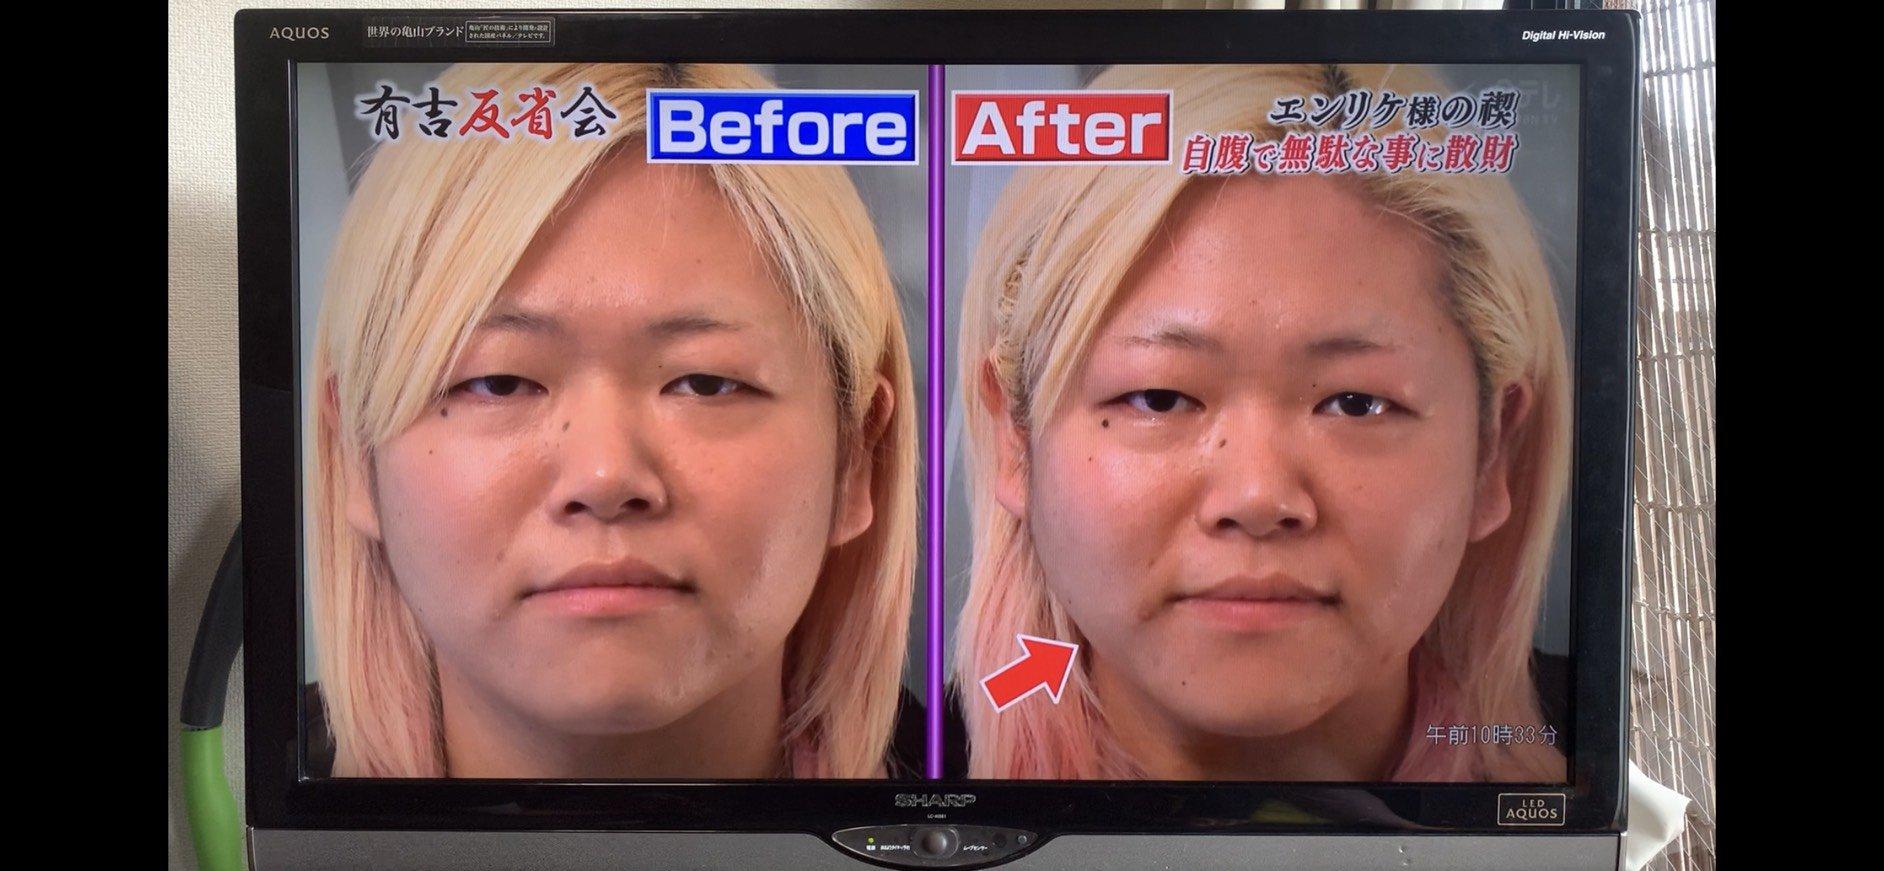 【まずはお試ししたい人♪】日本テレビ[有吉反省会]出演特別メニュー 小顔矯正(60分)¥19,250→¥5,940(税込)/結果が出る実力派サロン|小顔矯正|リンパ|銀座|池袋【デトックスエステSEAS】のイメージその3